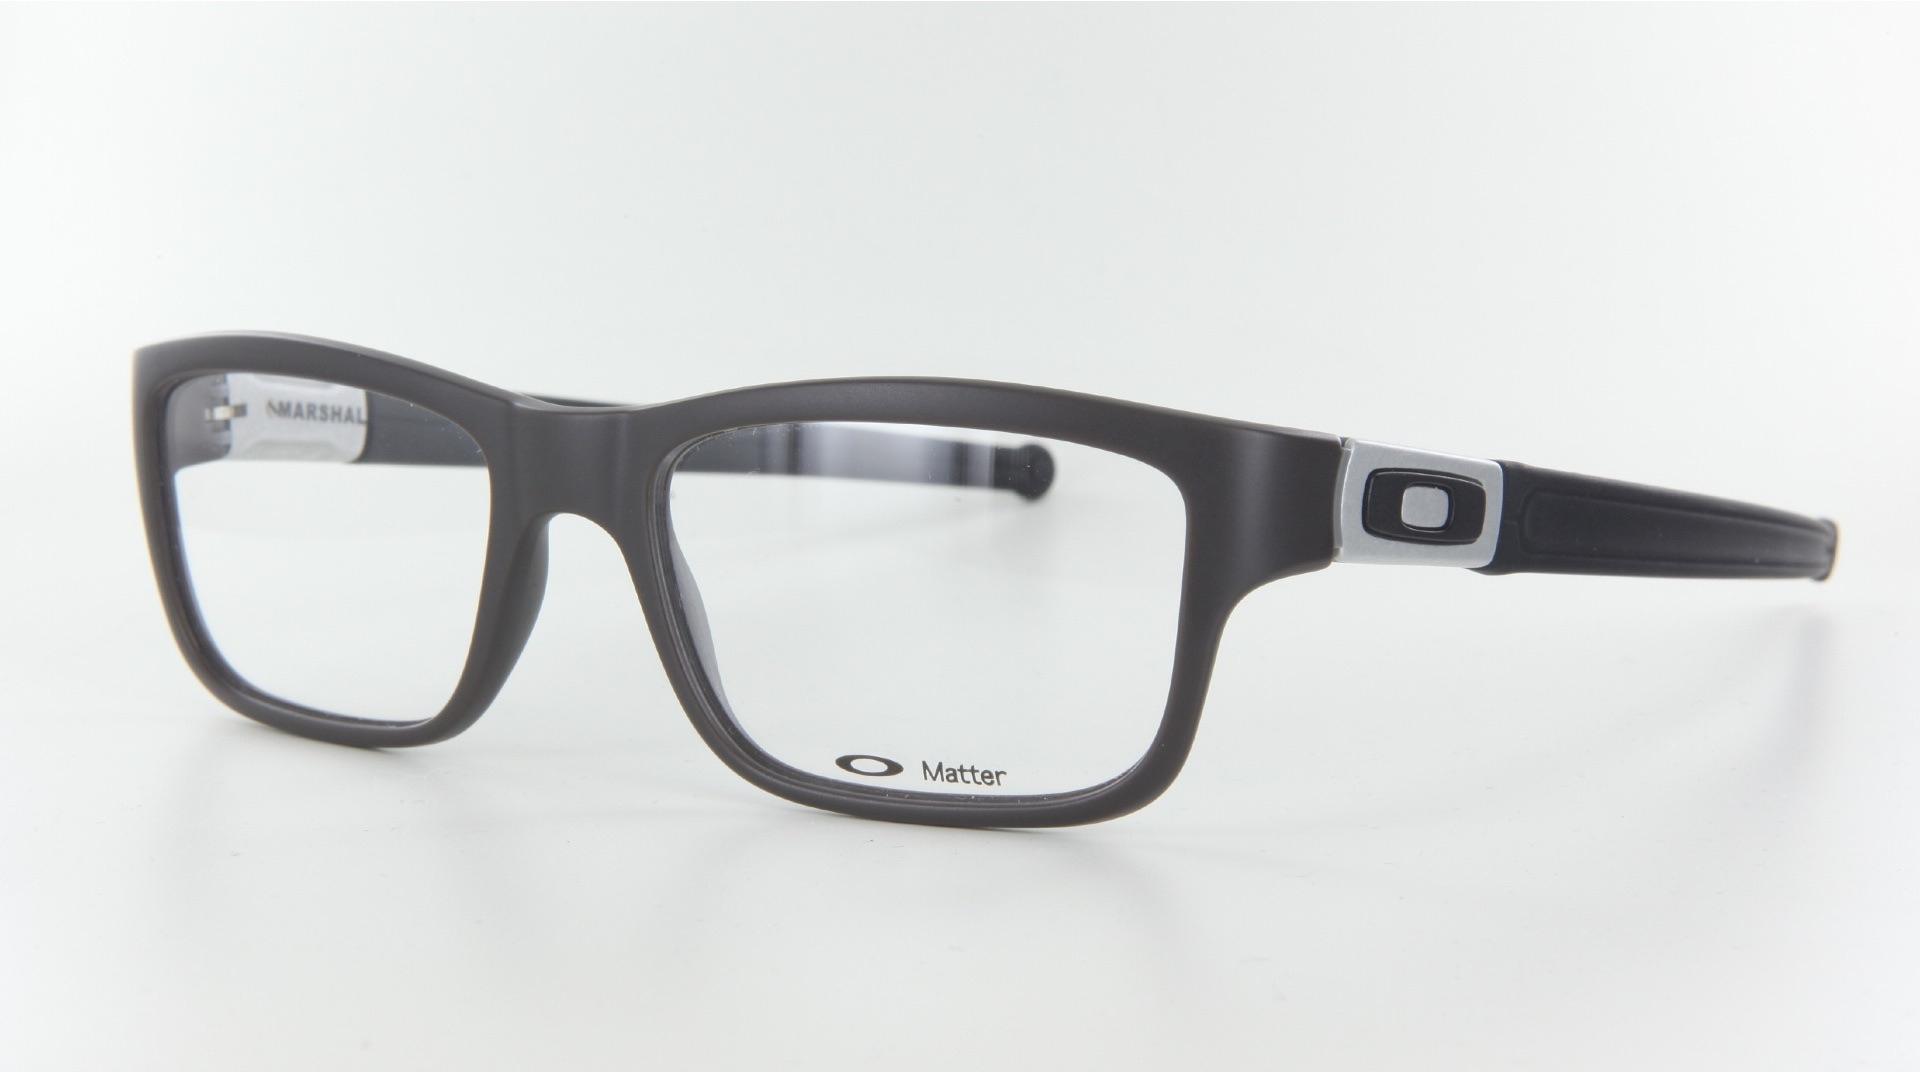 Oakley - ref: 70683